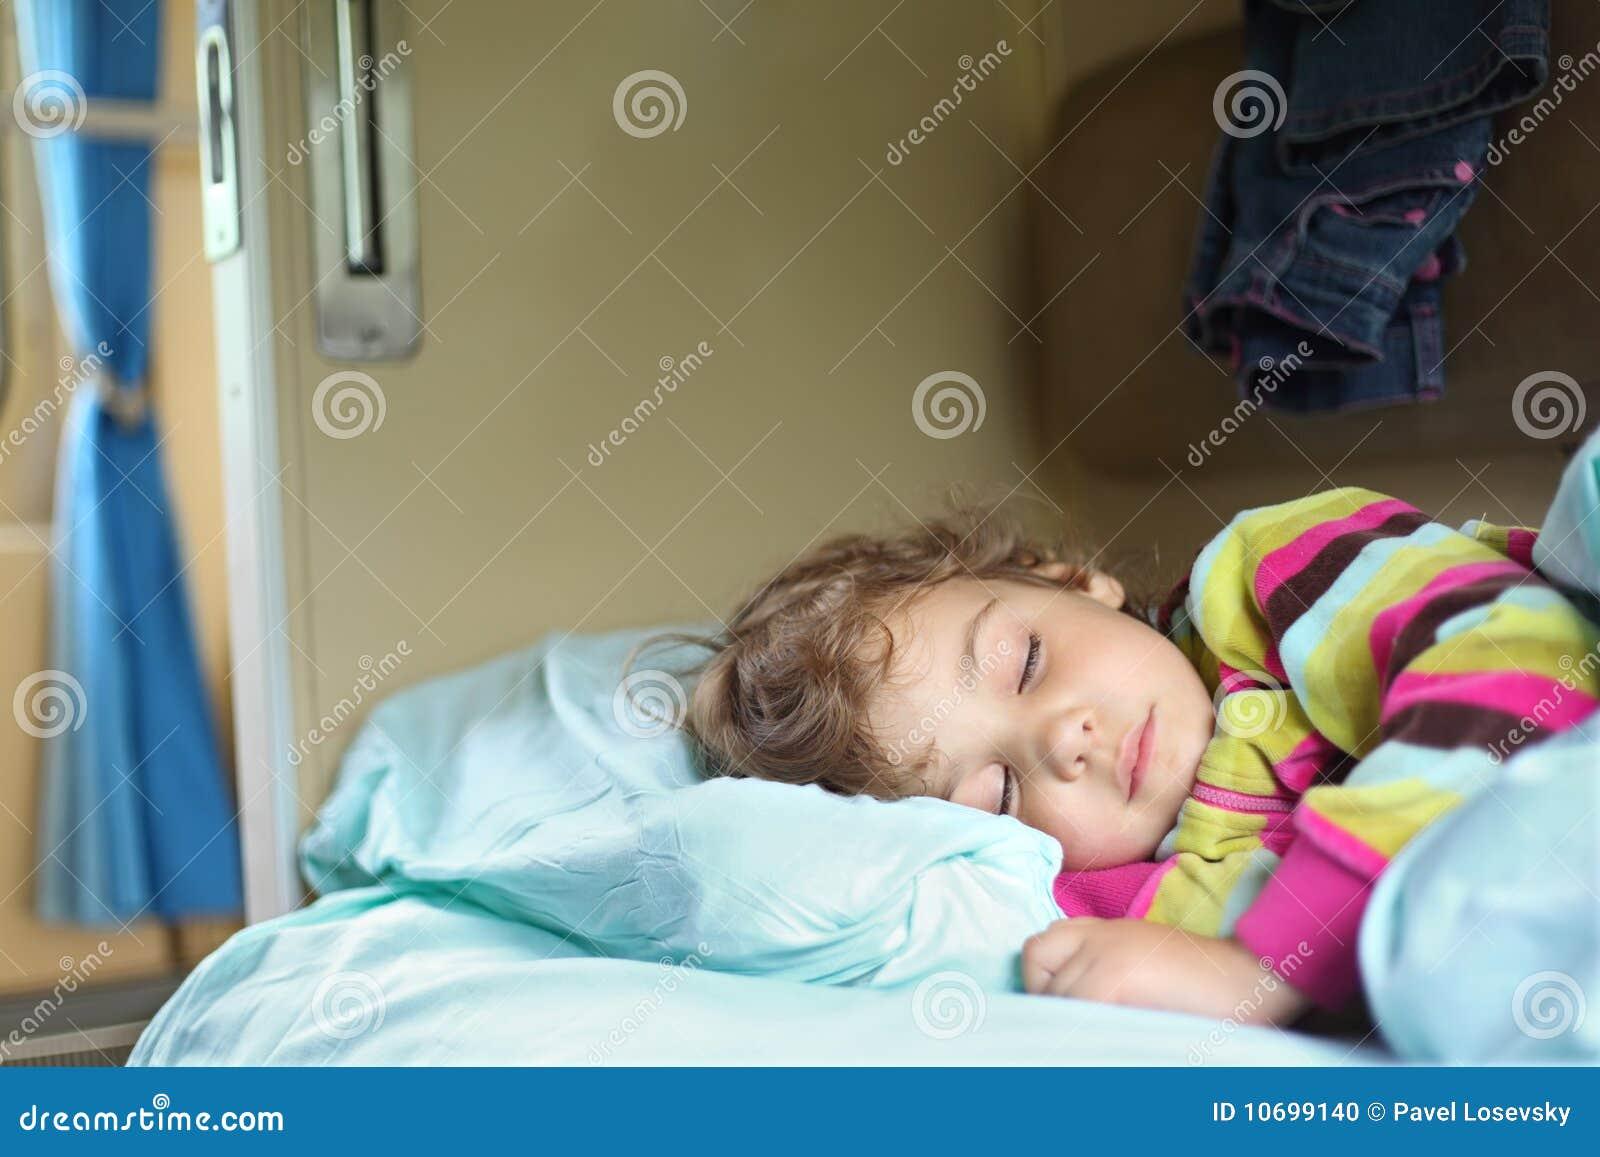 Спящая девушка в поезде фото 19 фотография